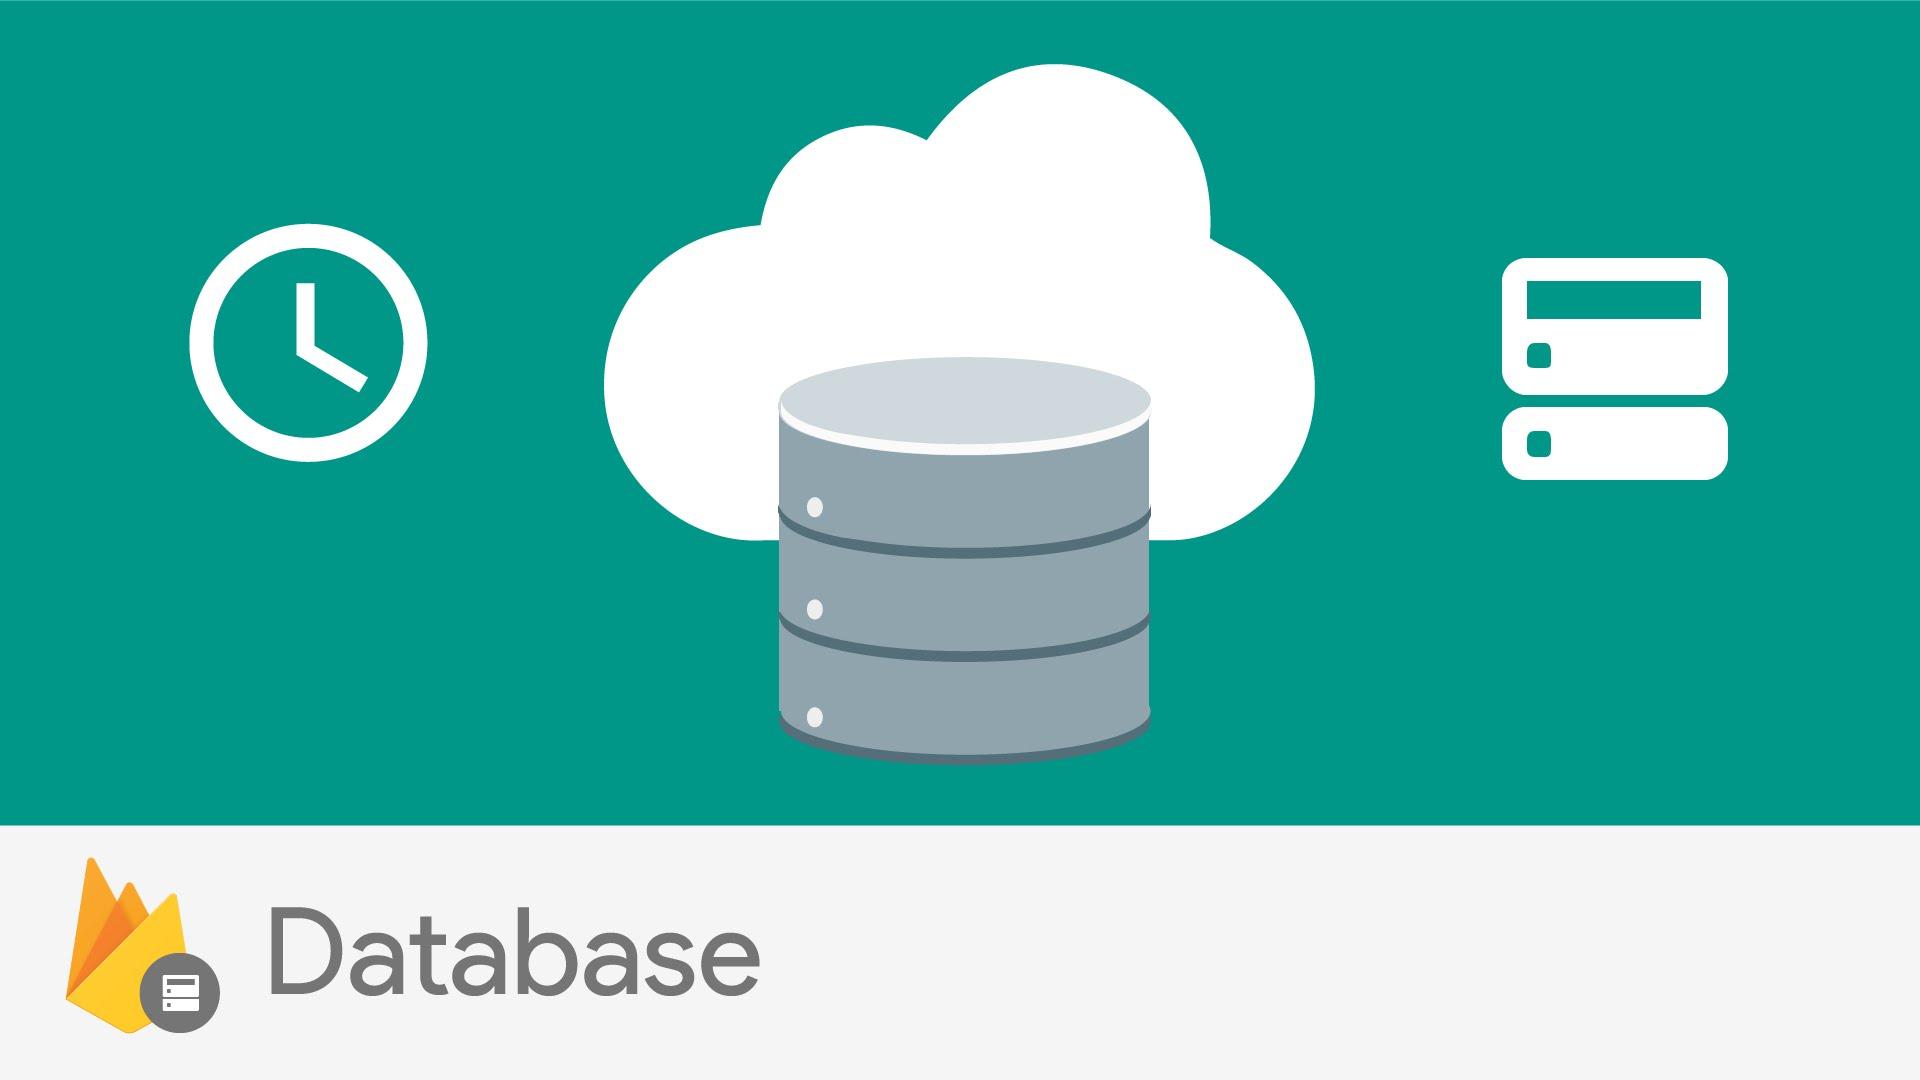 ทดลองใช้ Realtime Database ใน Firebase ด้วย Yii Framework 2